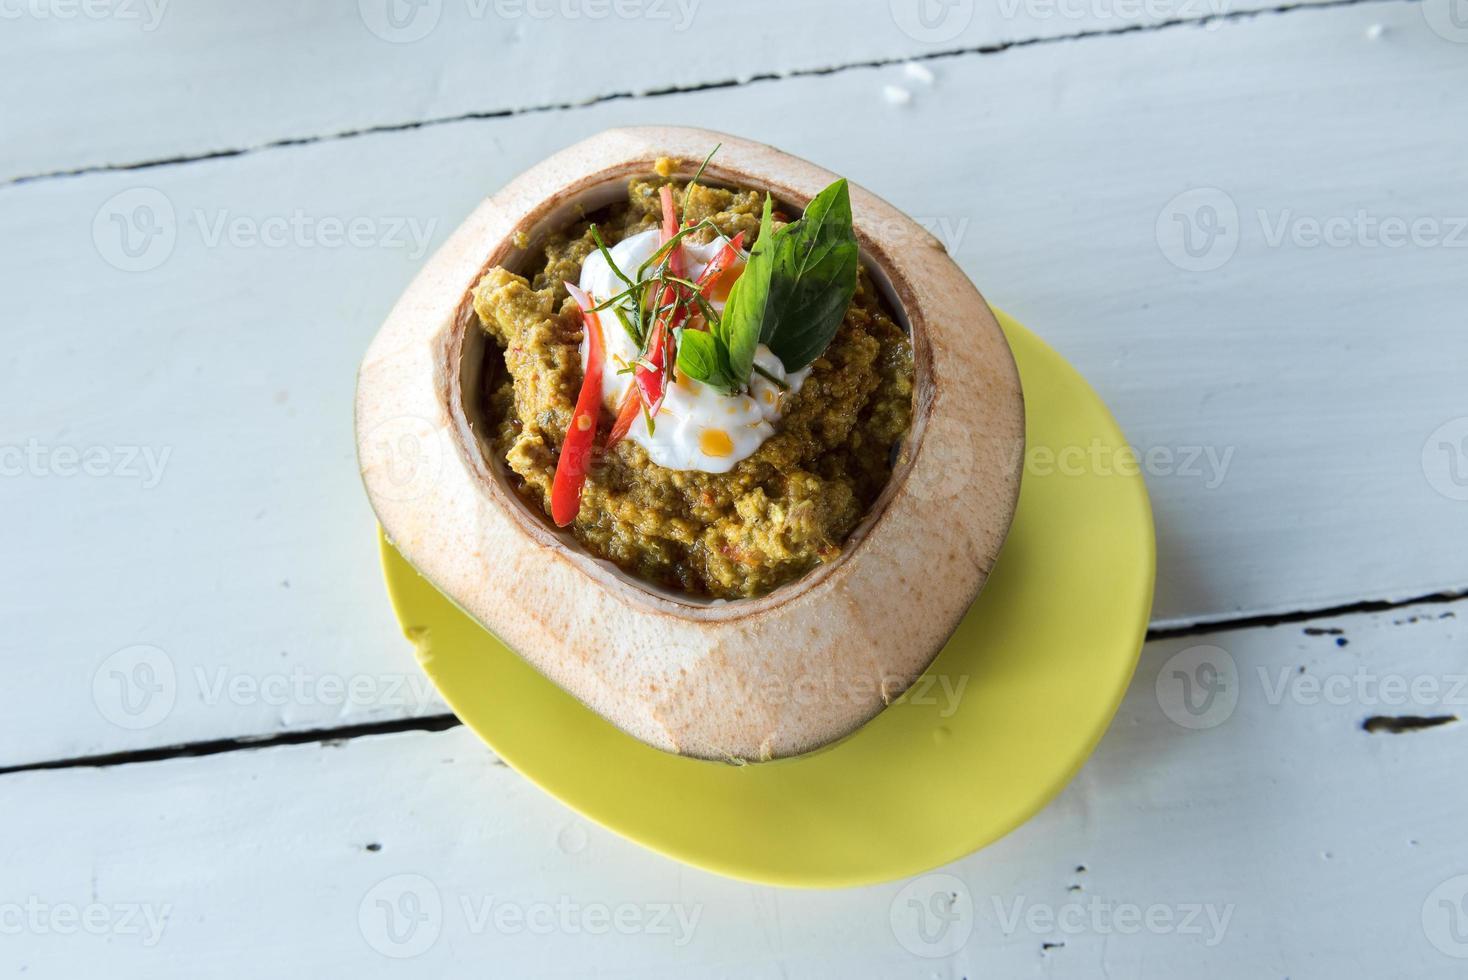 comida tailandesa, frutos do mar a vapor com pasta de caril com casca de coco foto